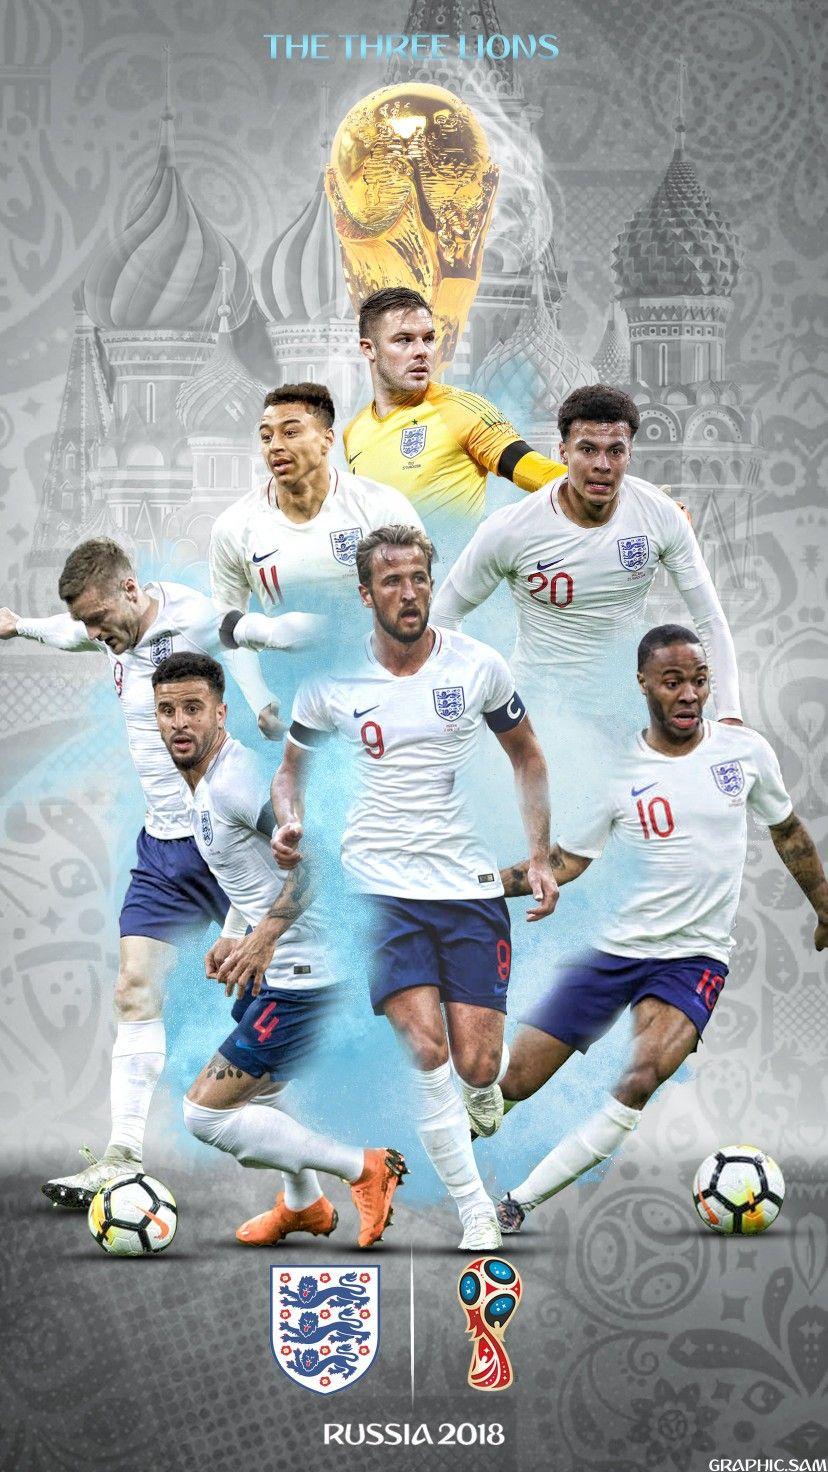 Pin De Martha Perez Em England Soccer Team Jogadores De Futebol Futebol Mundial Futebol